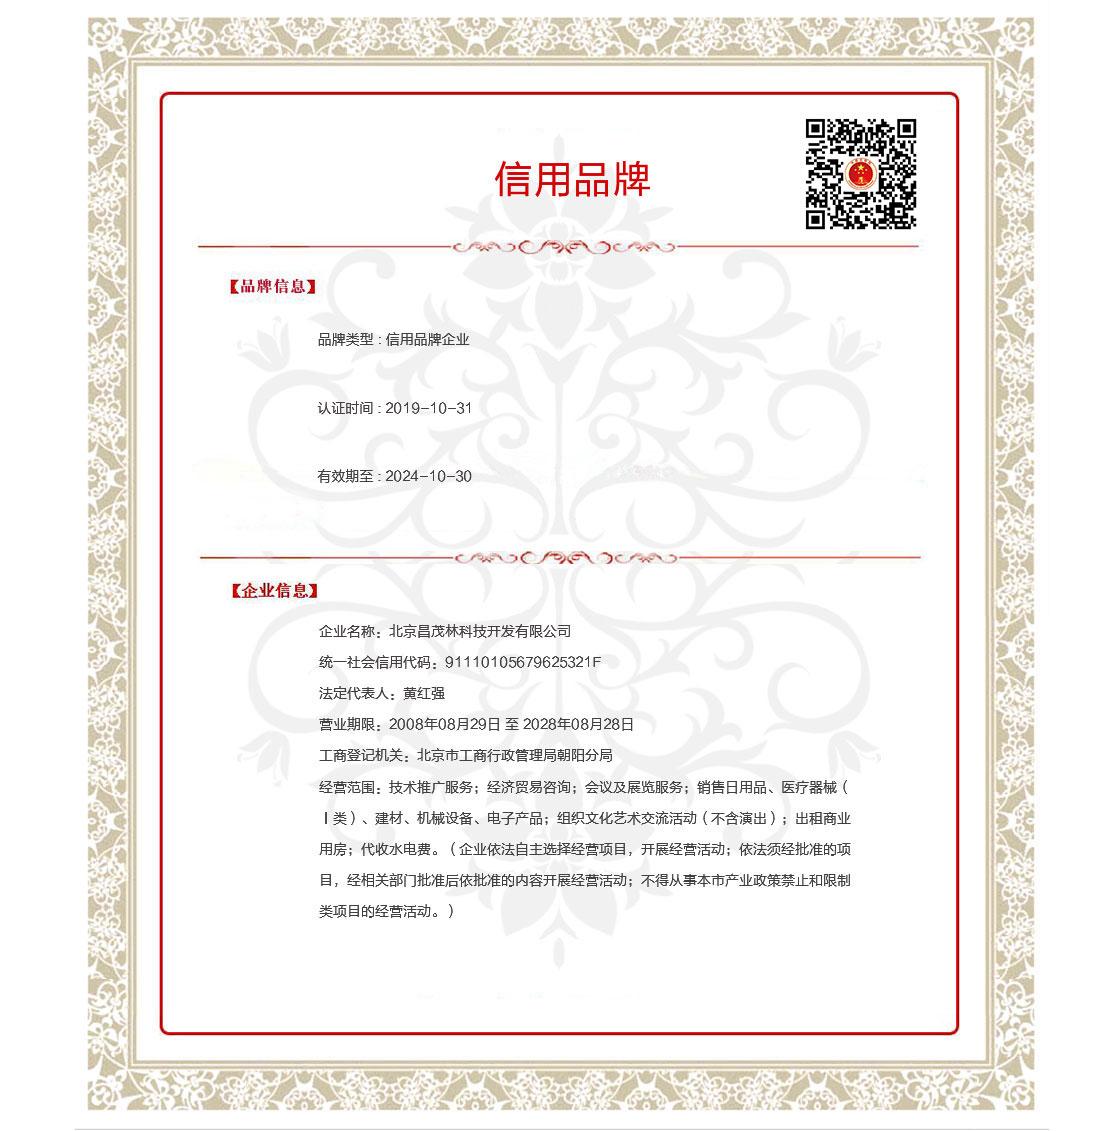 北京昌茂林科技開發有限公司.jpg